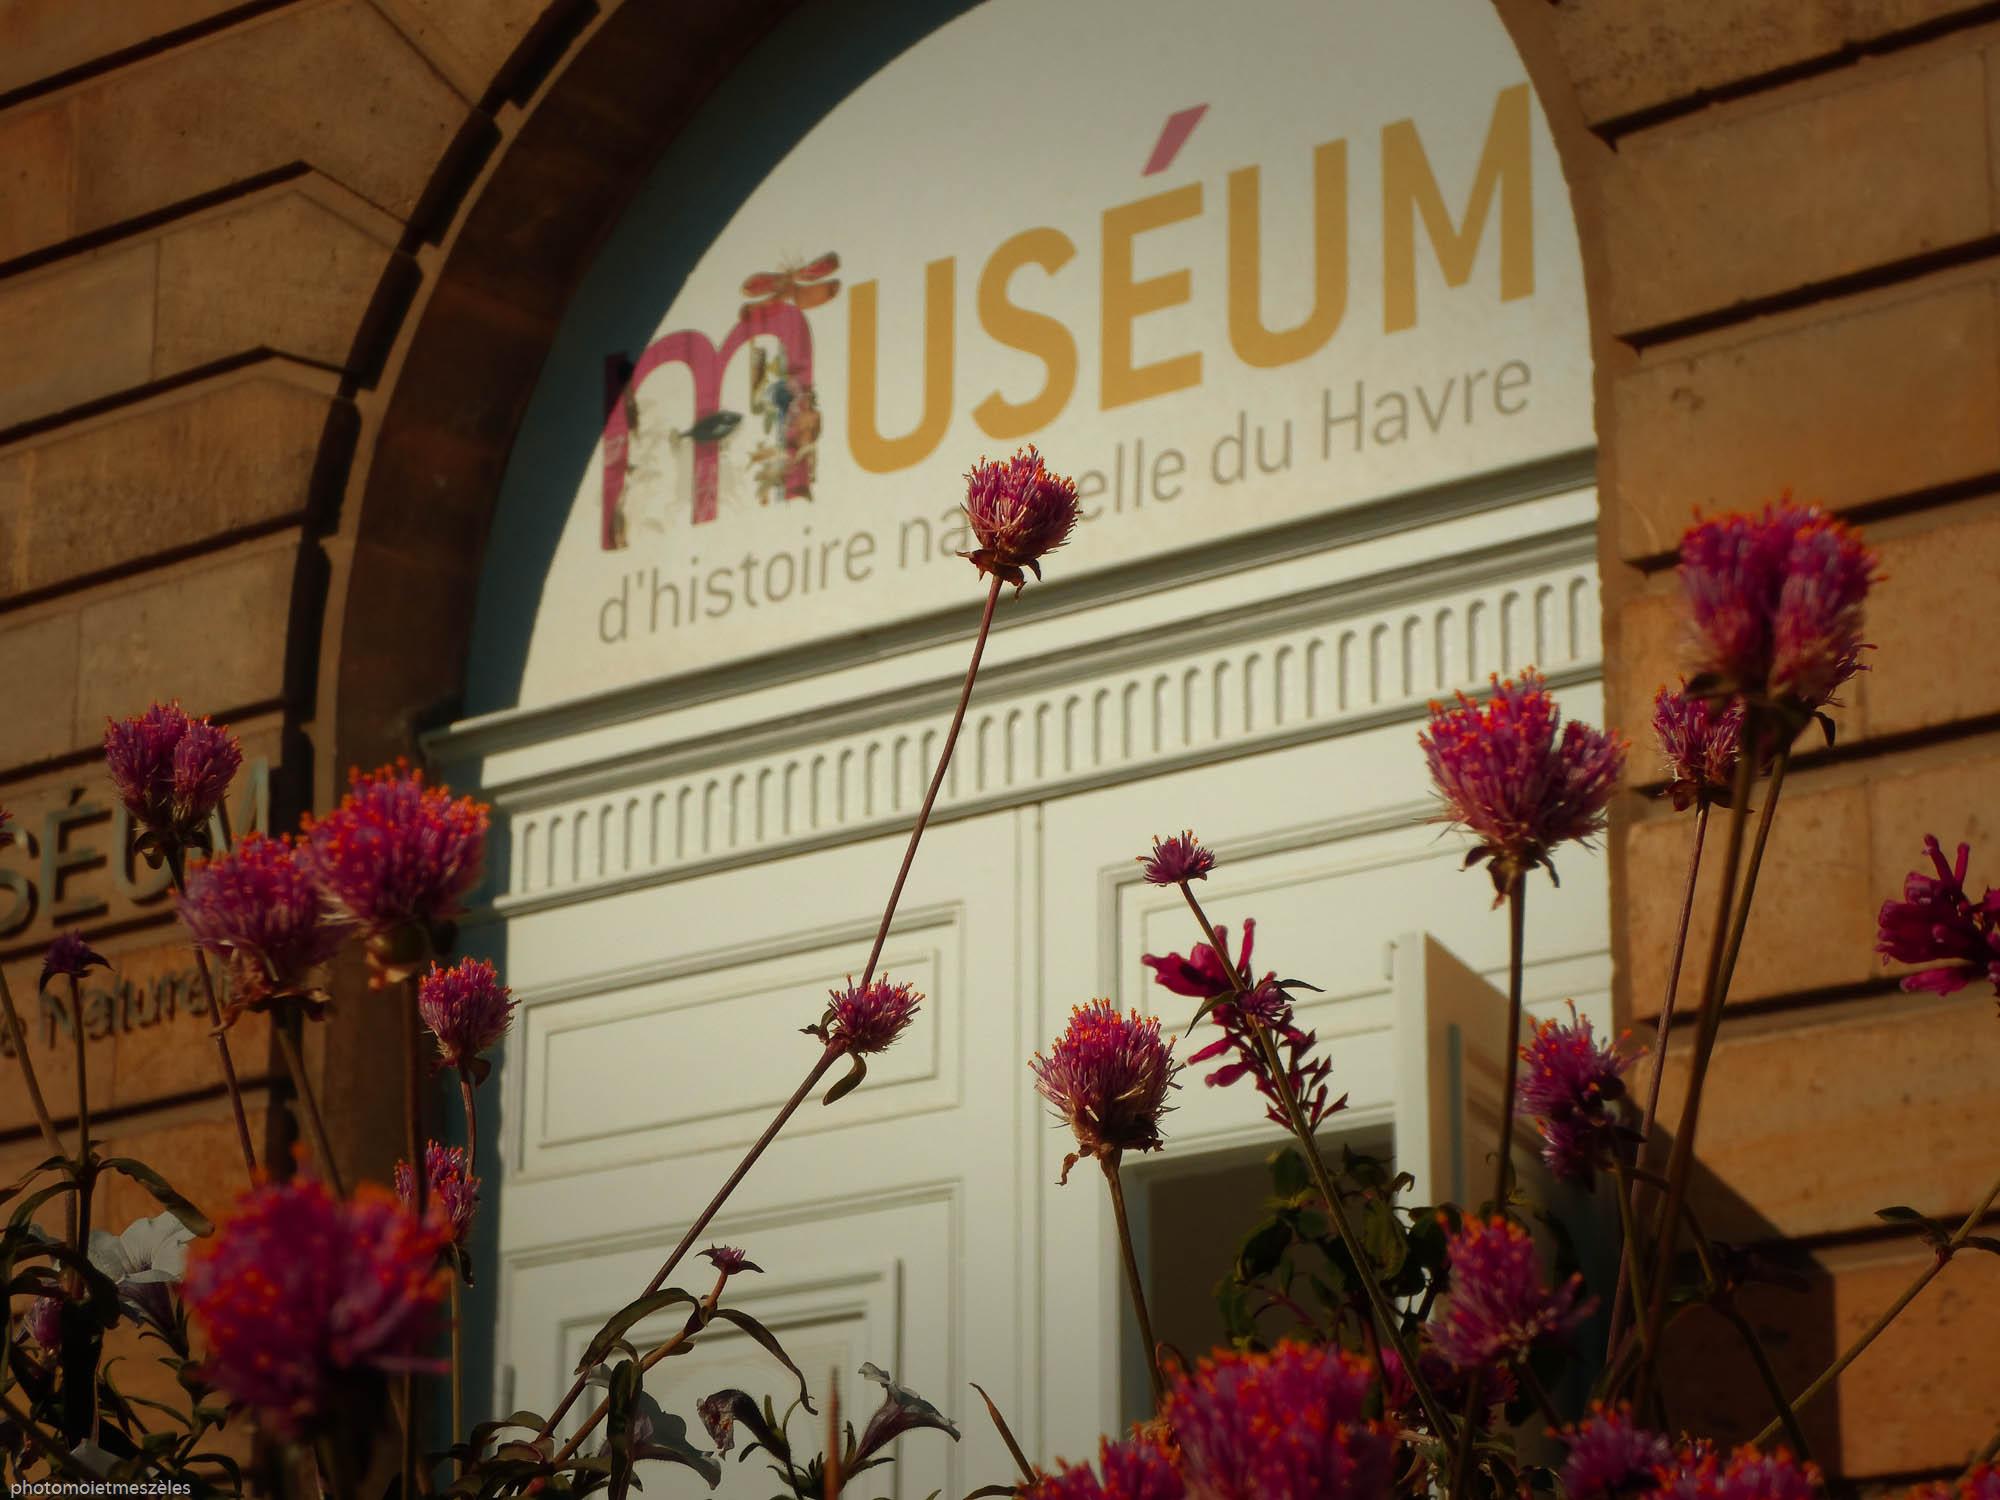 Le musée d'Histoire Naturelle de la ville du Havre